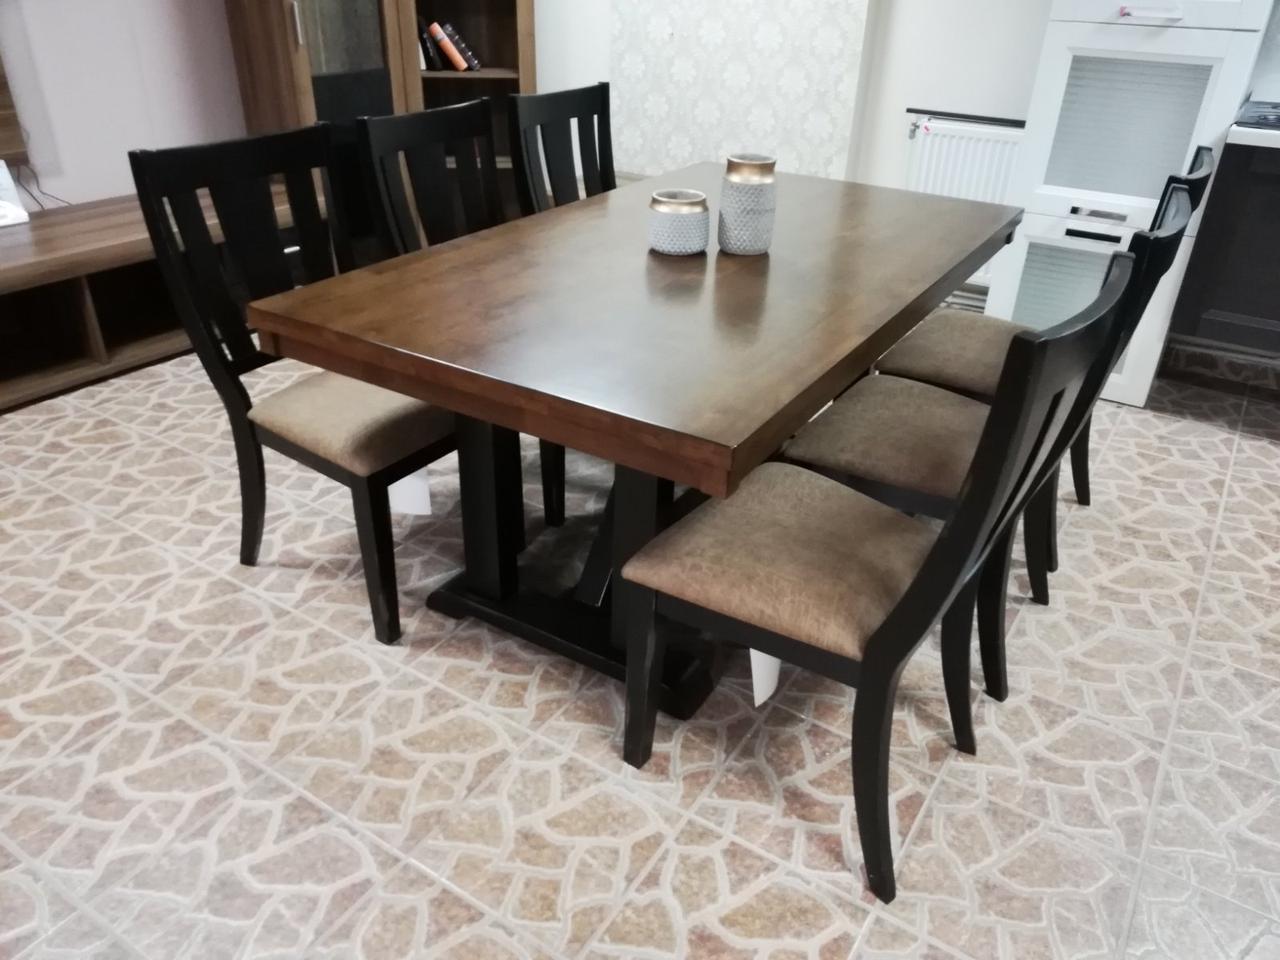 Стол обеденный деревянный Дрезден Sof, цвет орех + черный матовый